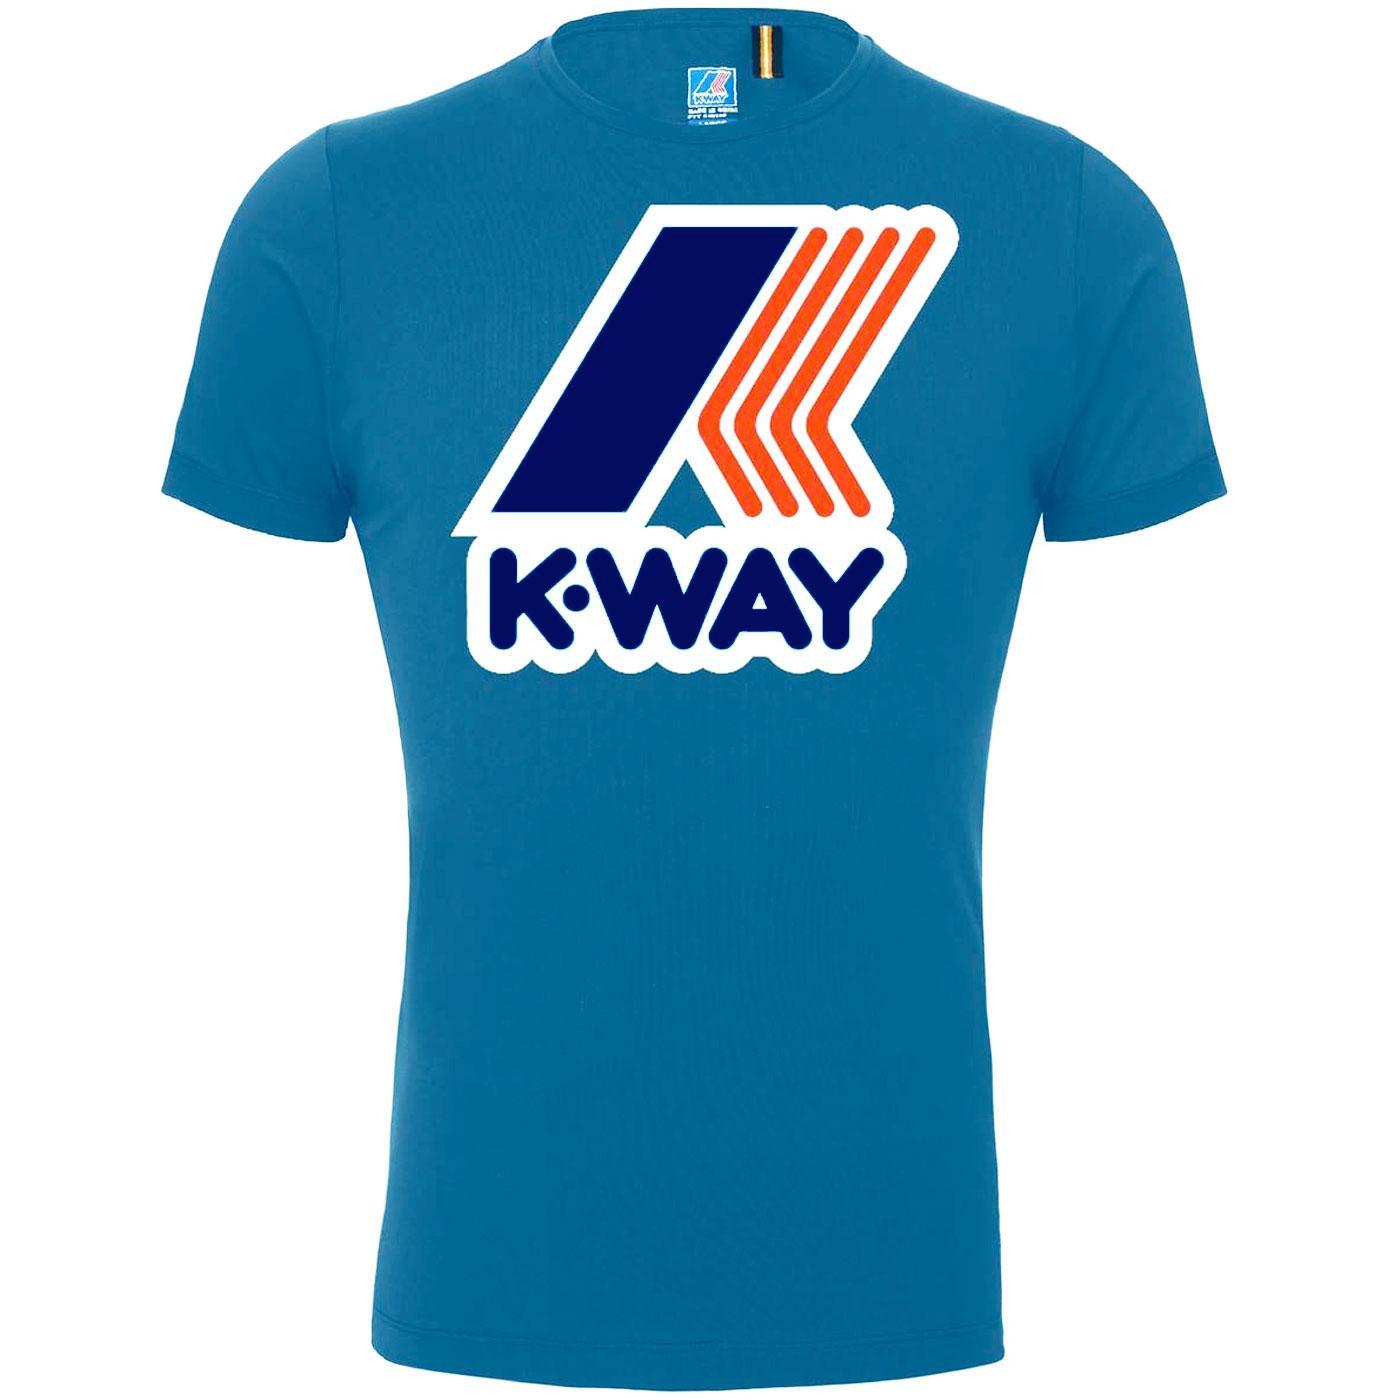 K-WAY Pete Macro Logo Retro 1980s Tee (Blue Avio)